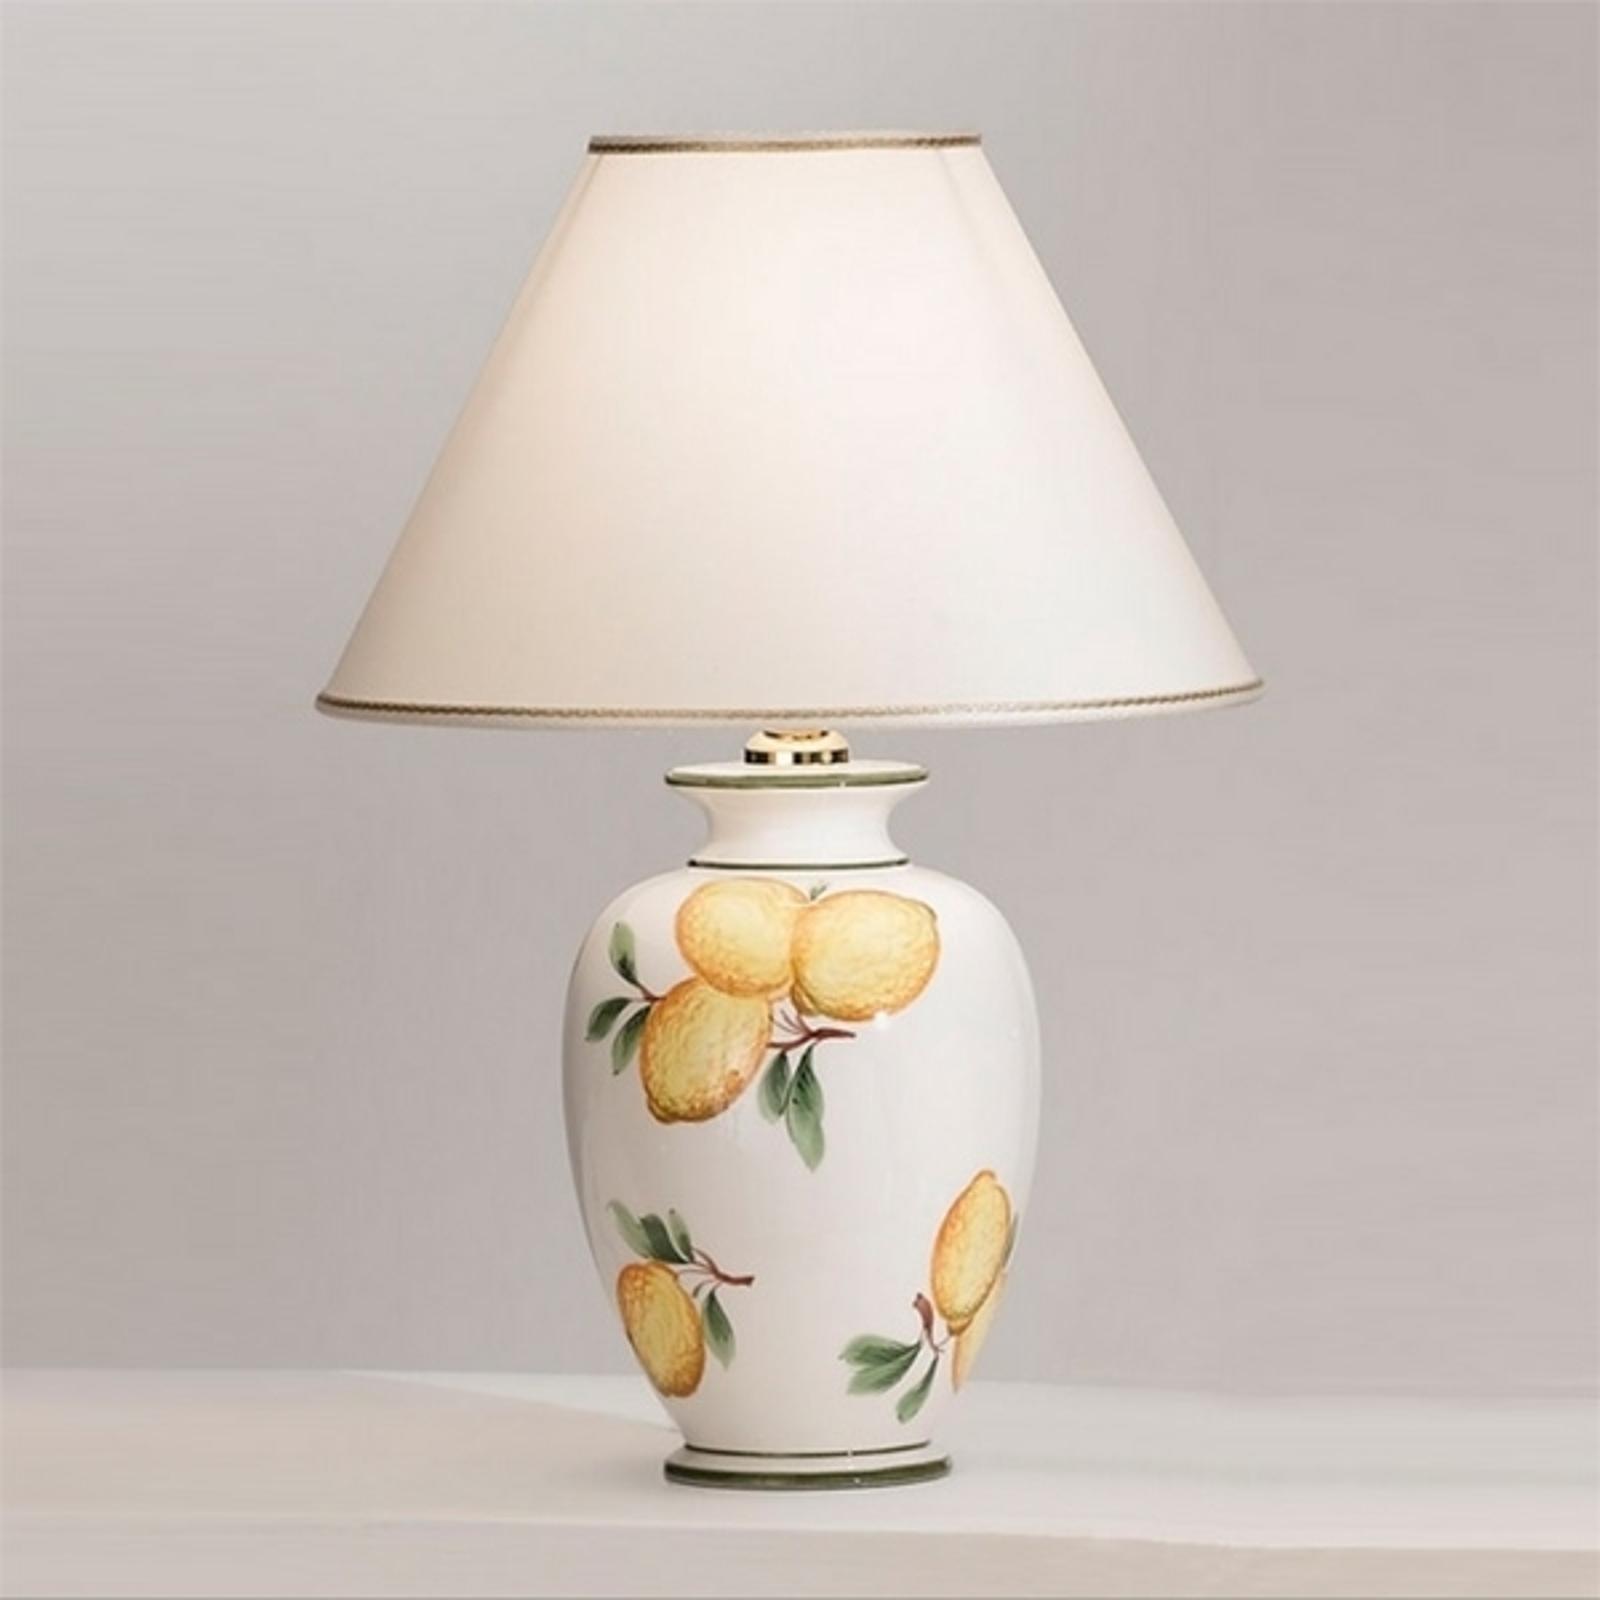 Tafellamp GIARDINO LEMONE, 30 cm